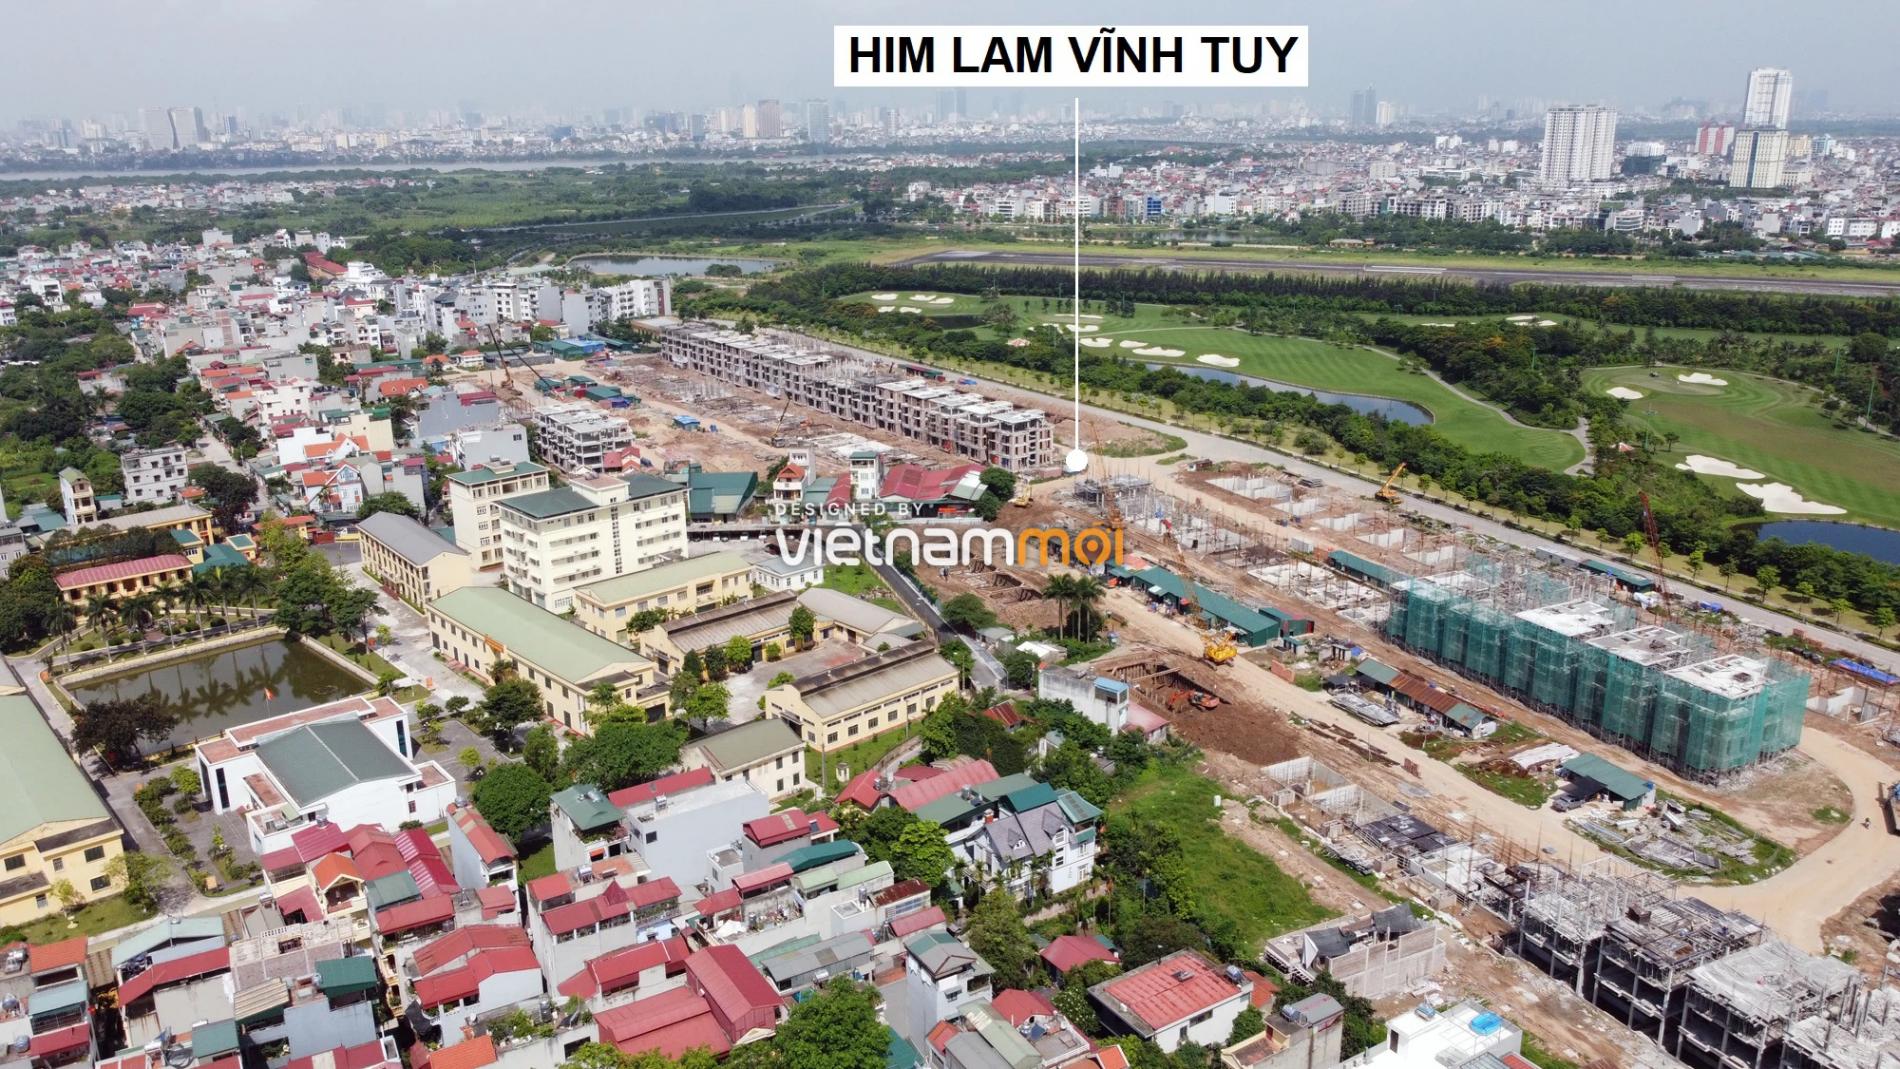 Toàn cảnh các dự án của Him Lam được hưởng lợi từ cầu Trần Hưng Đạo - Ảnh 3.